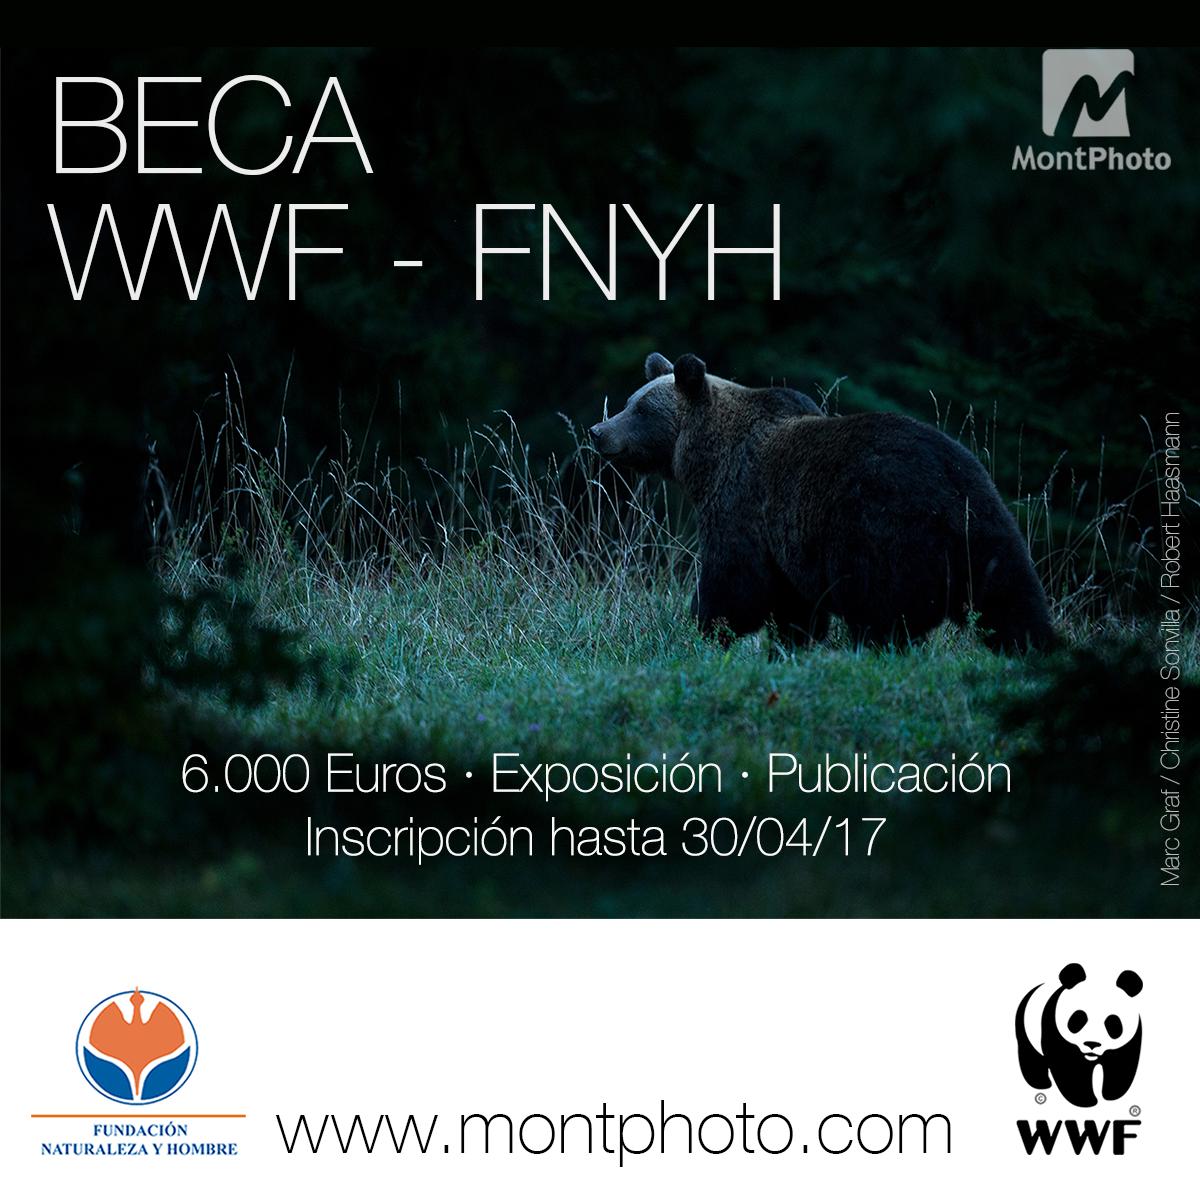 Beca Concurso Fotográfico Montphoto 2017